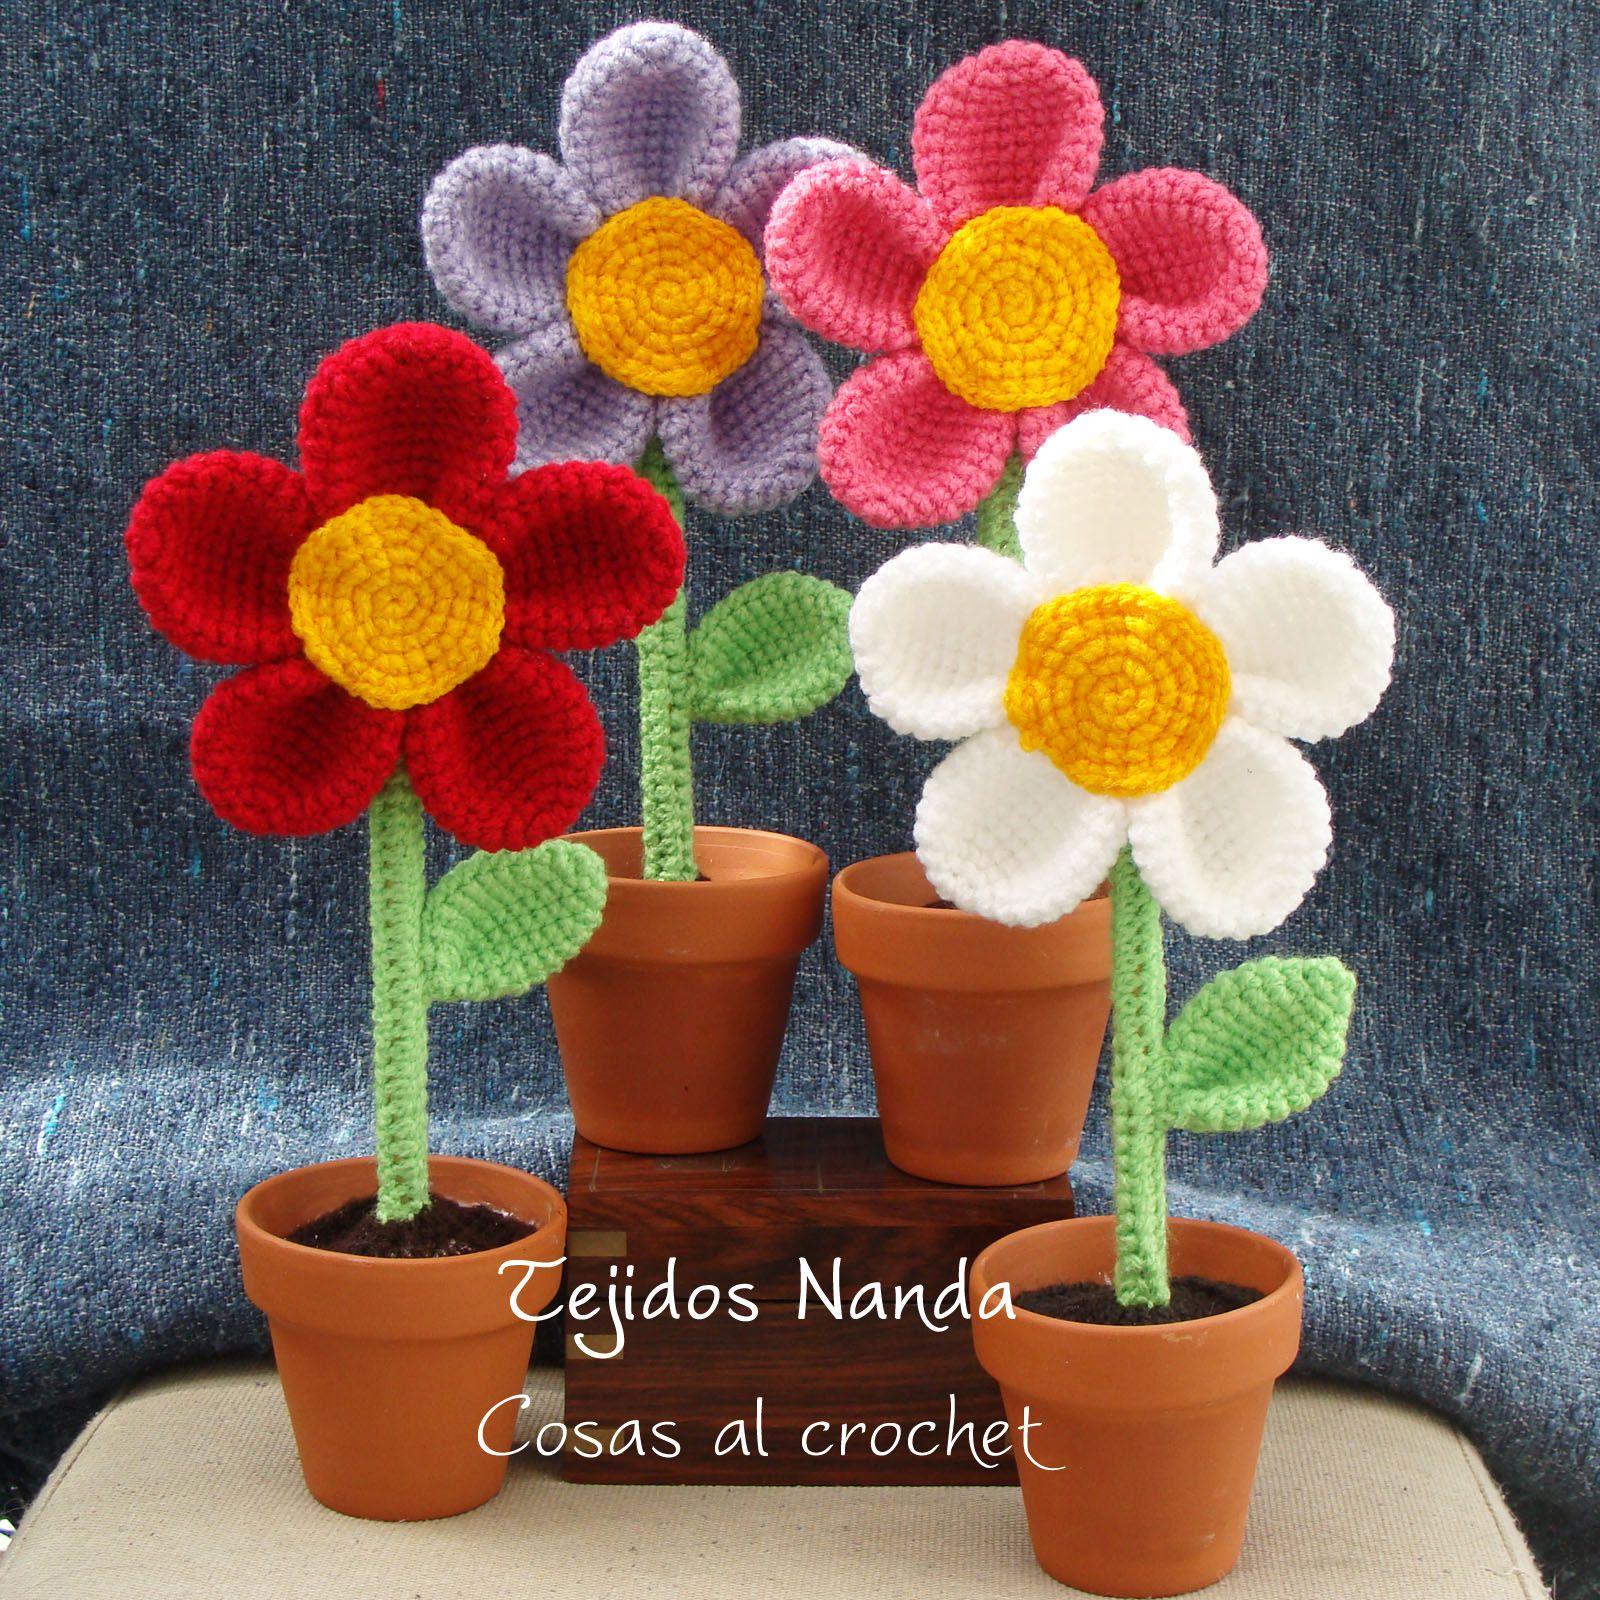 Flores tejidas al crochet en macetas de barro cosas al - Macetones de barro ...